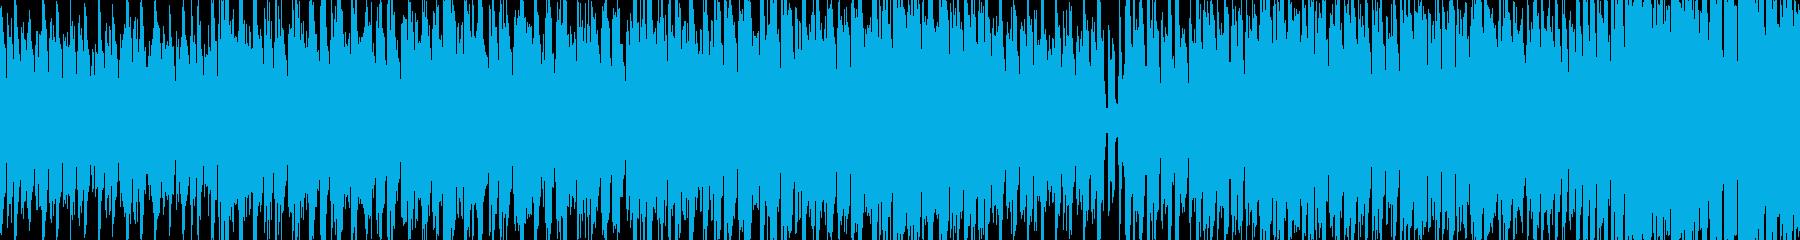 軽快なテクノポップの再生済みの波形